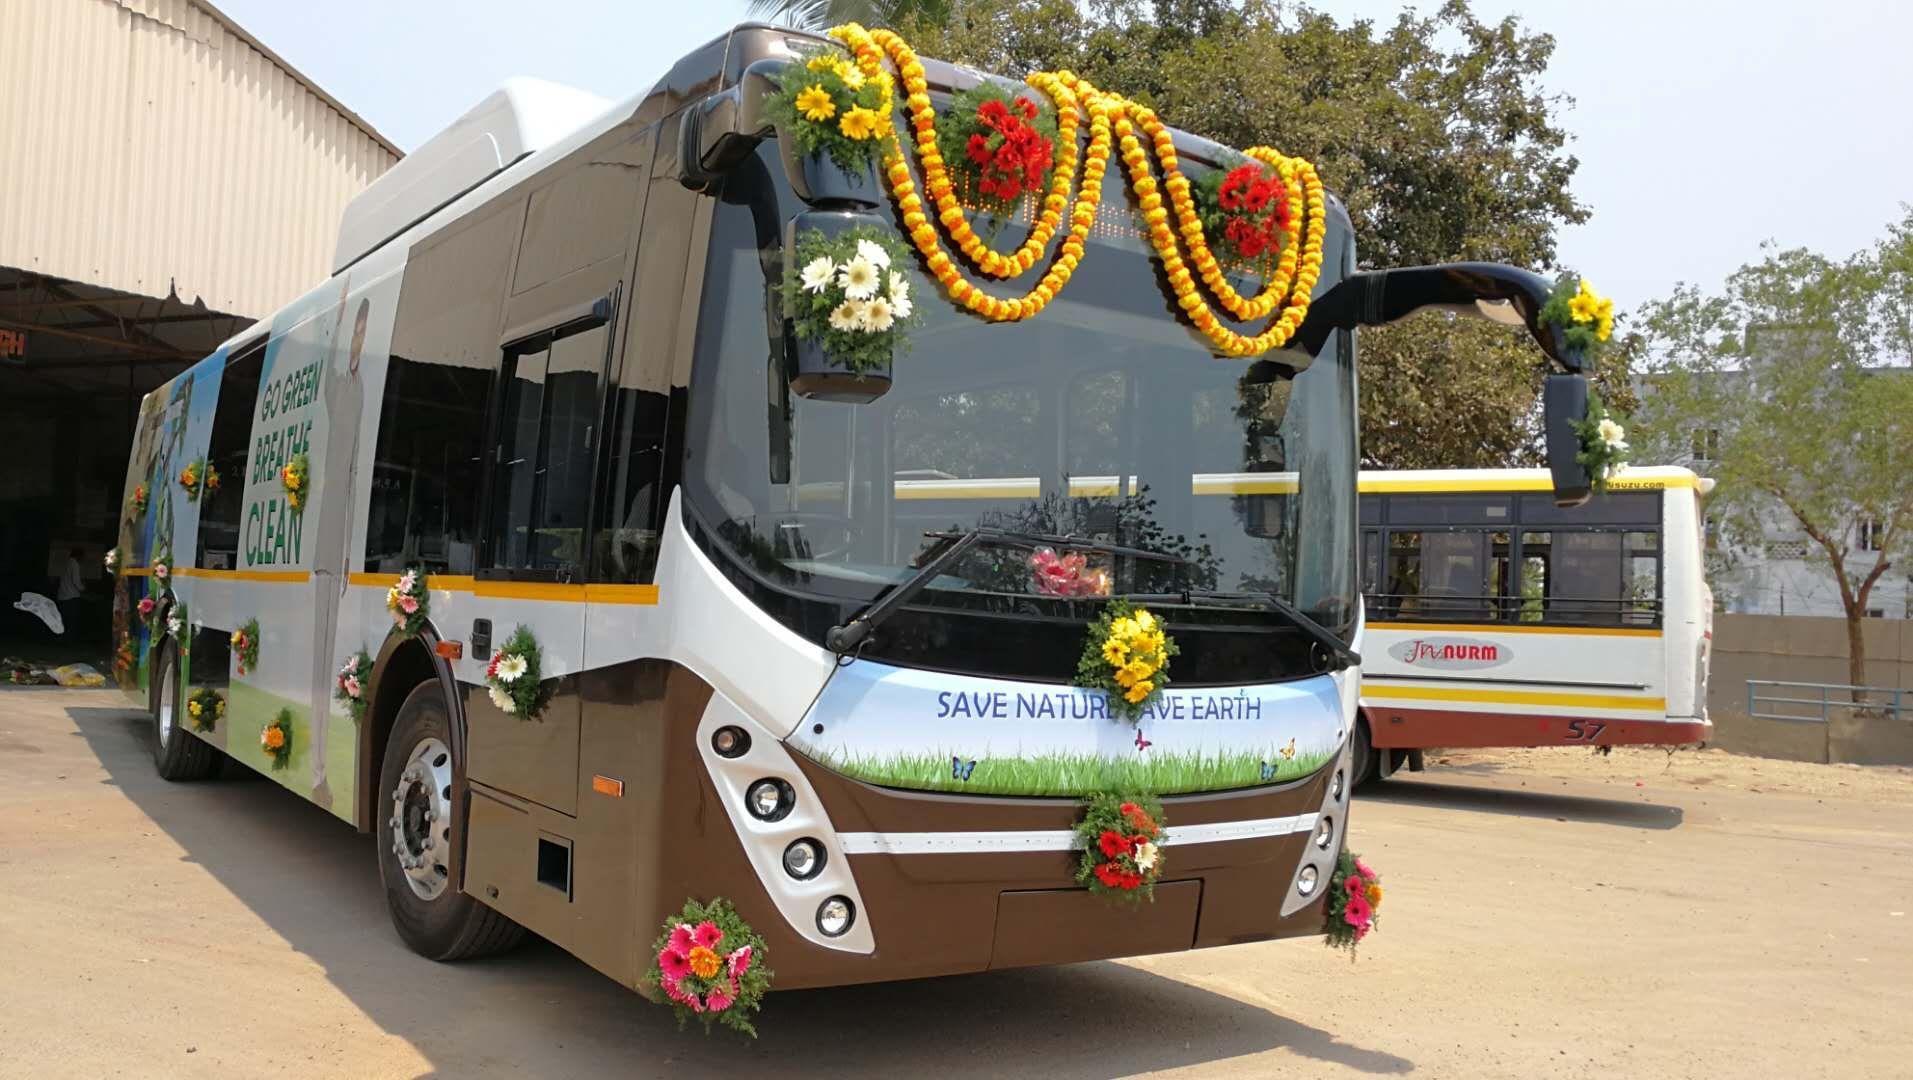 比亚迪纯电动大巴驶入印度安得拉邦,首席部长亲自见证